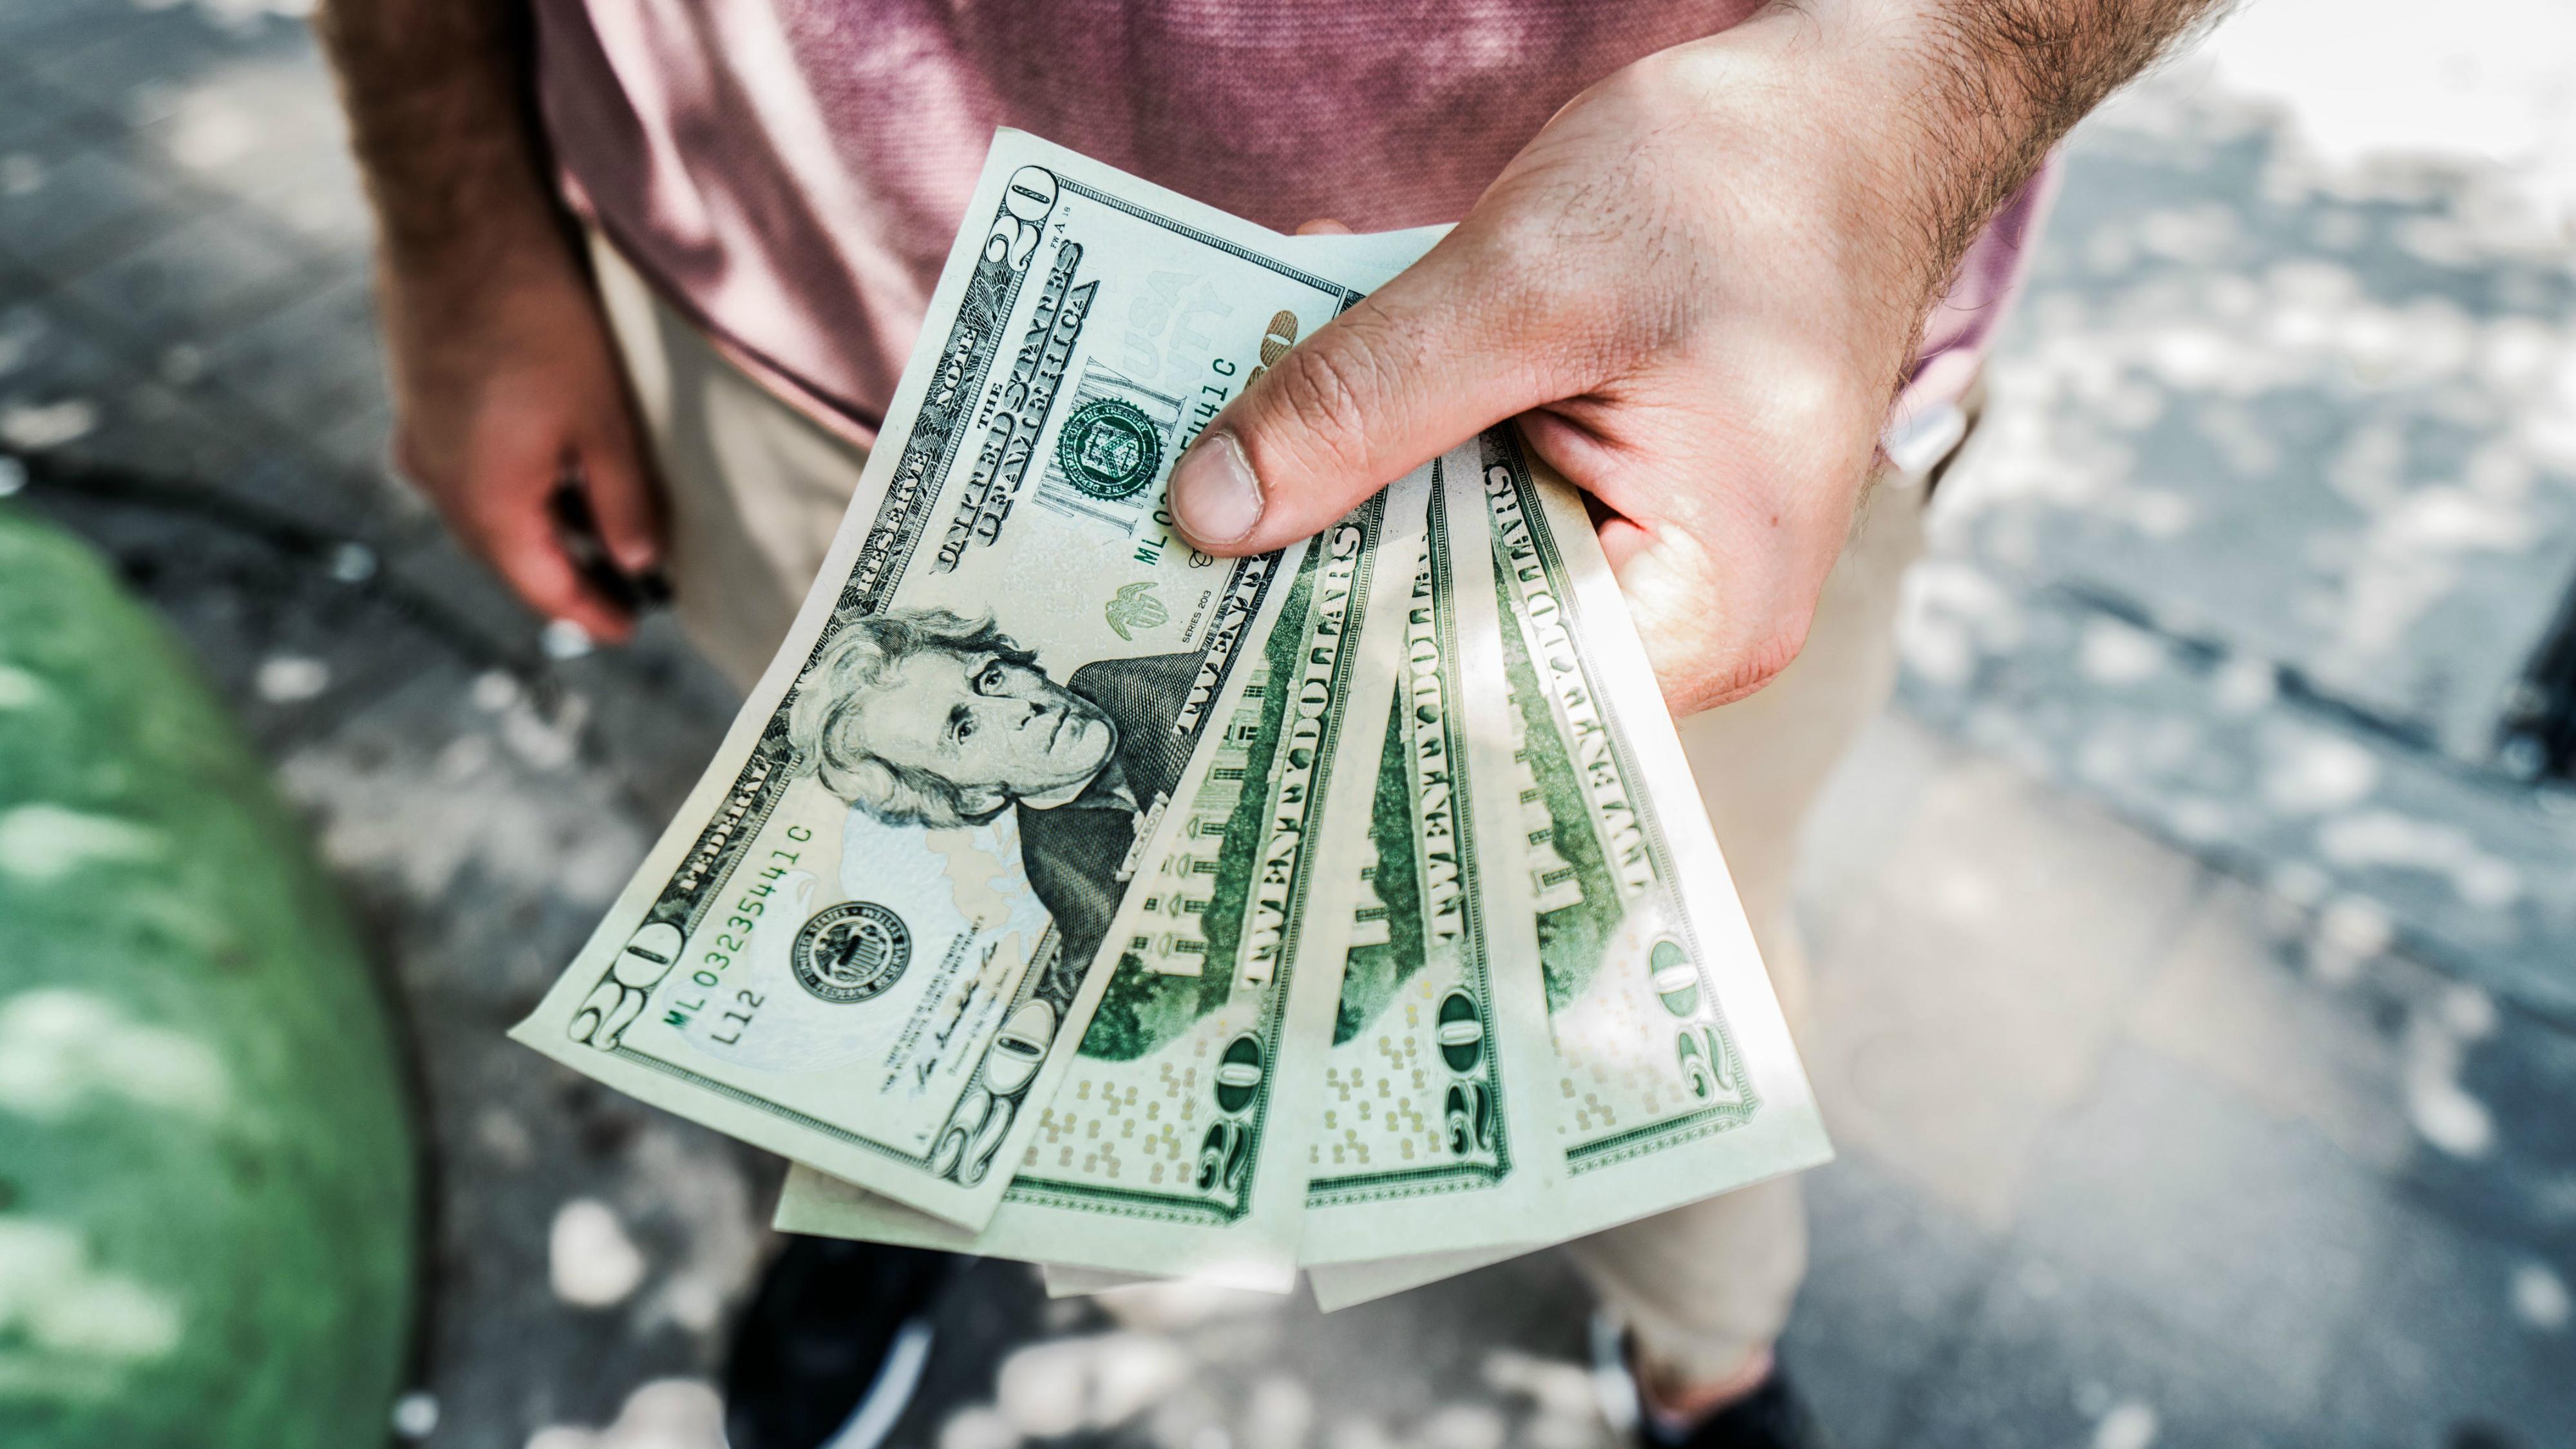 Kā padarīt vieglu naudu mājās mamma latvija, post navigation